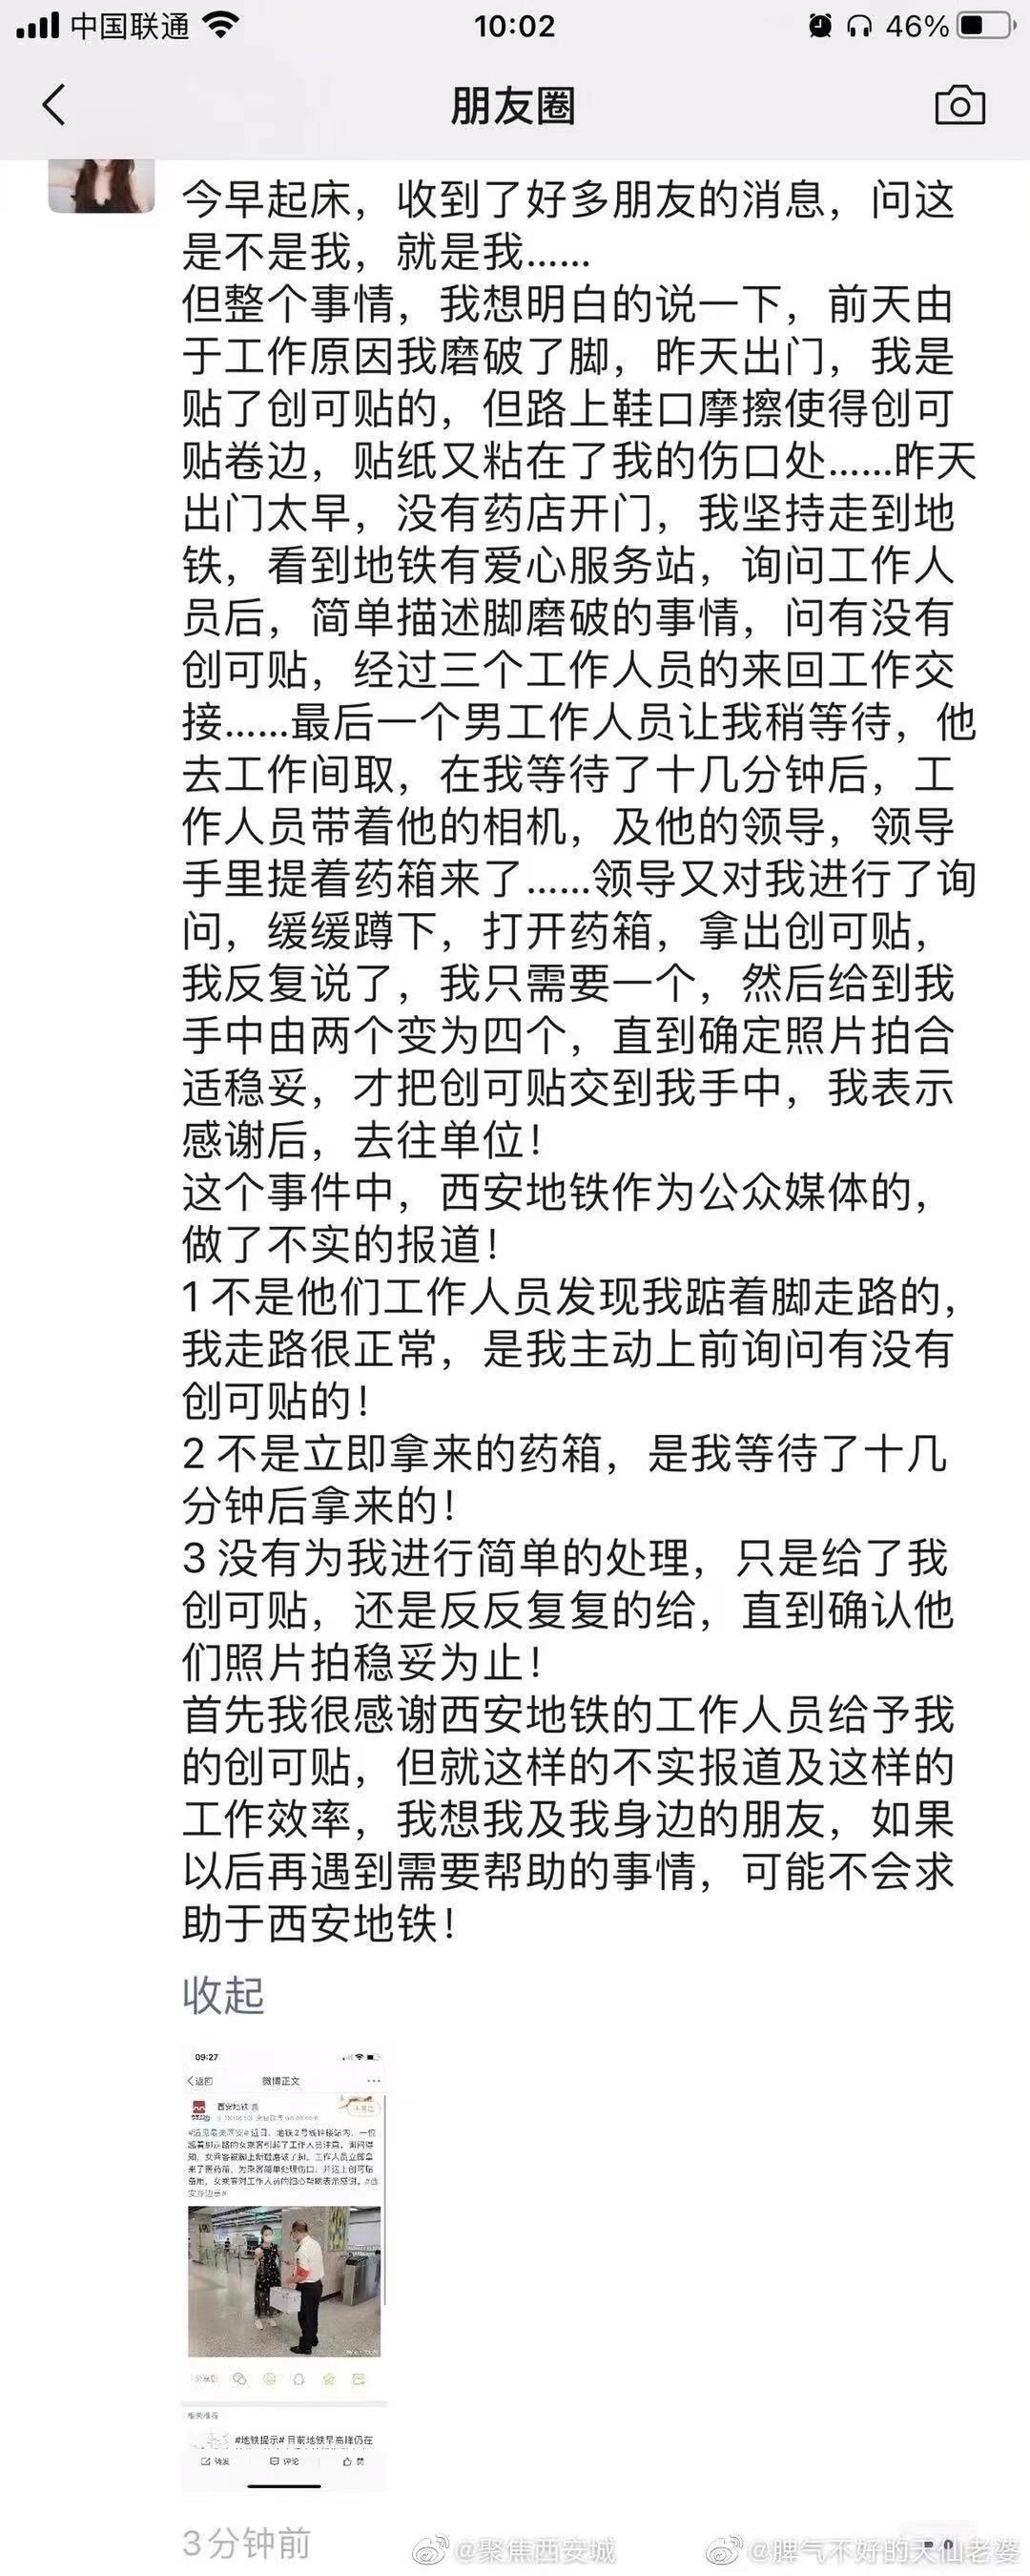 当事女乘客发朋友圈否认西安地铁发布的微博内容截图